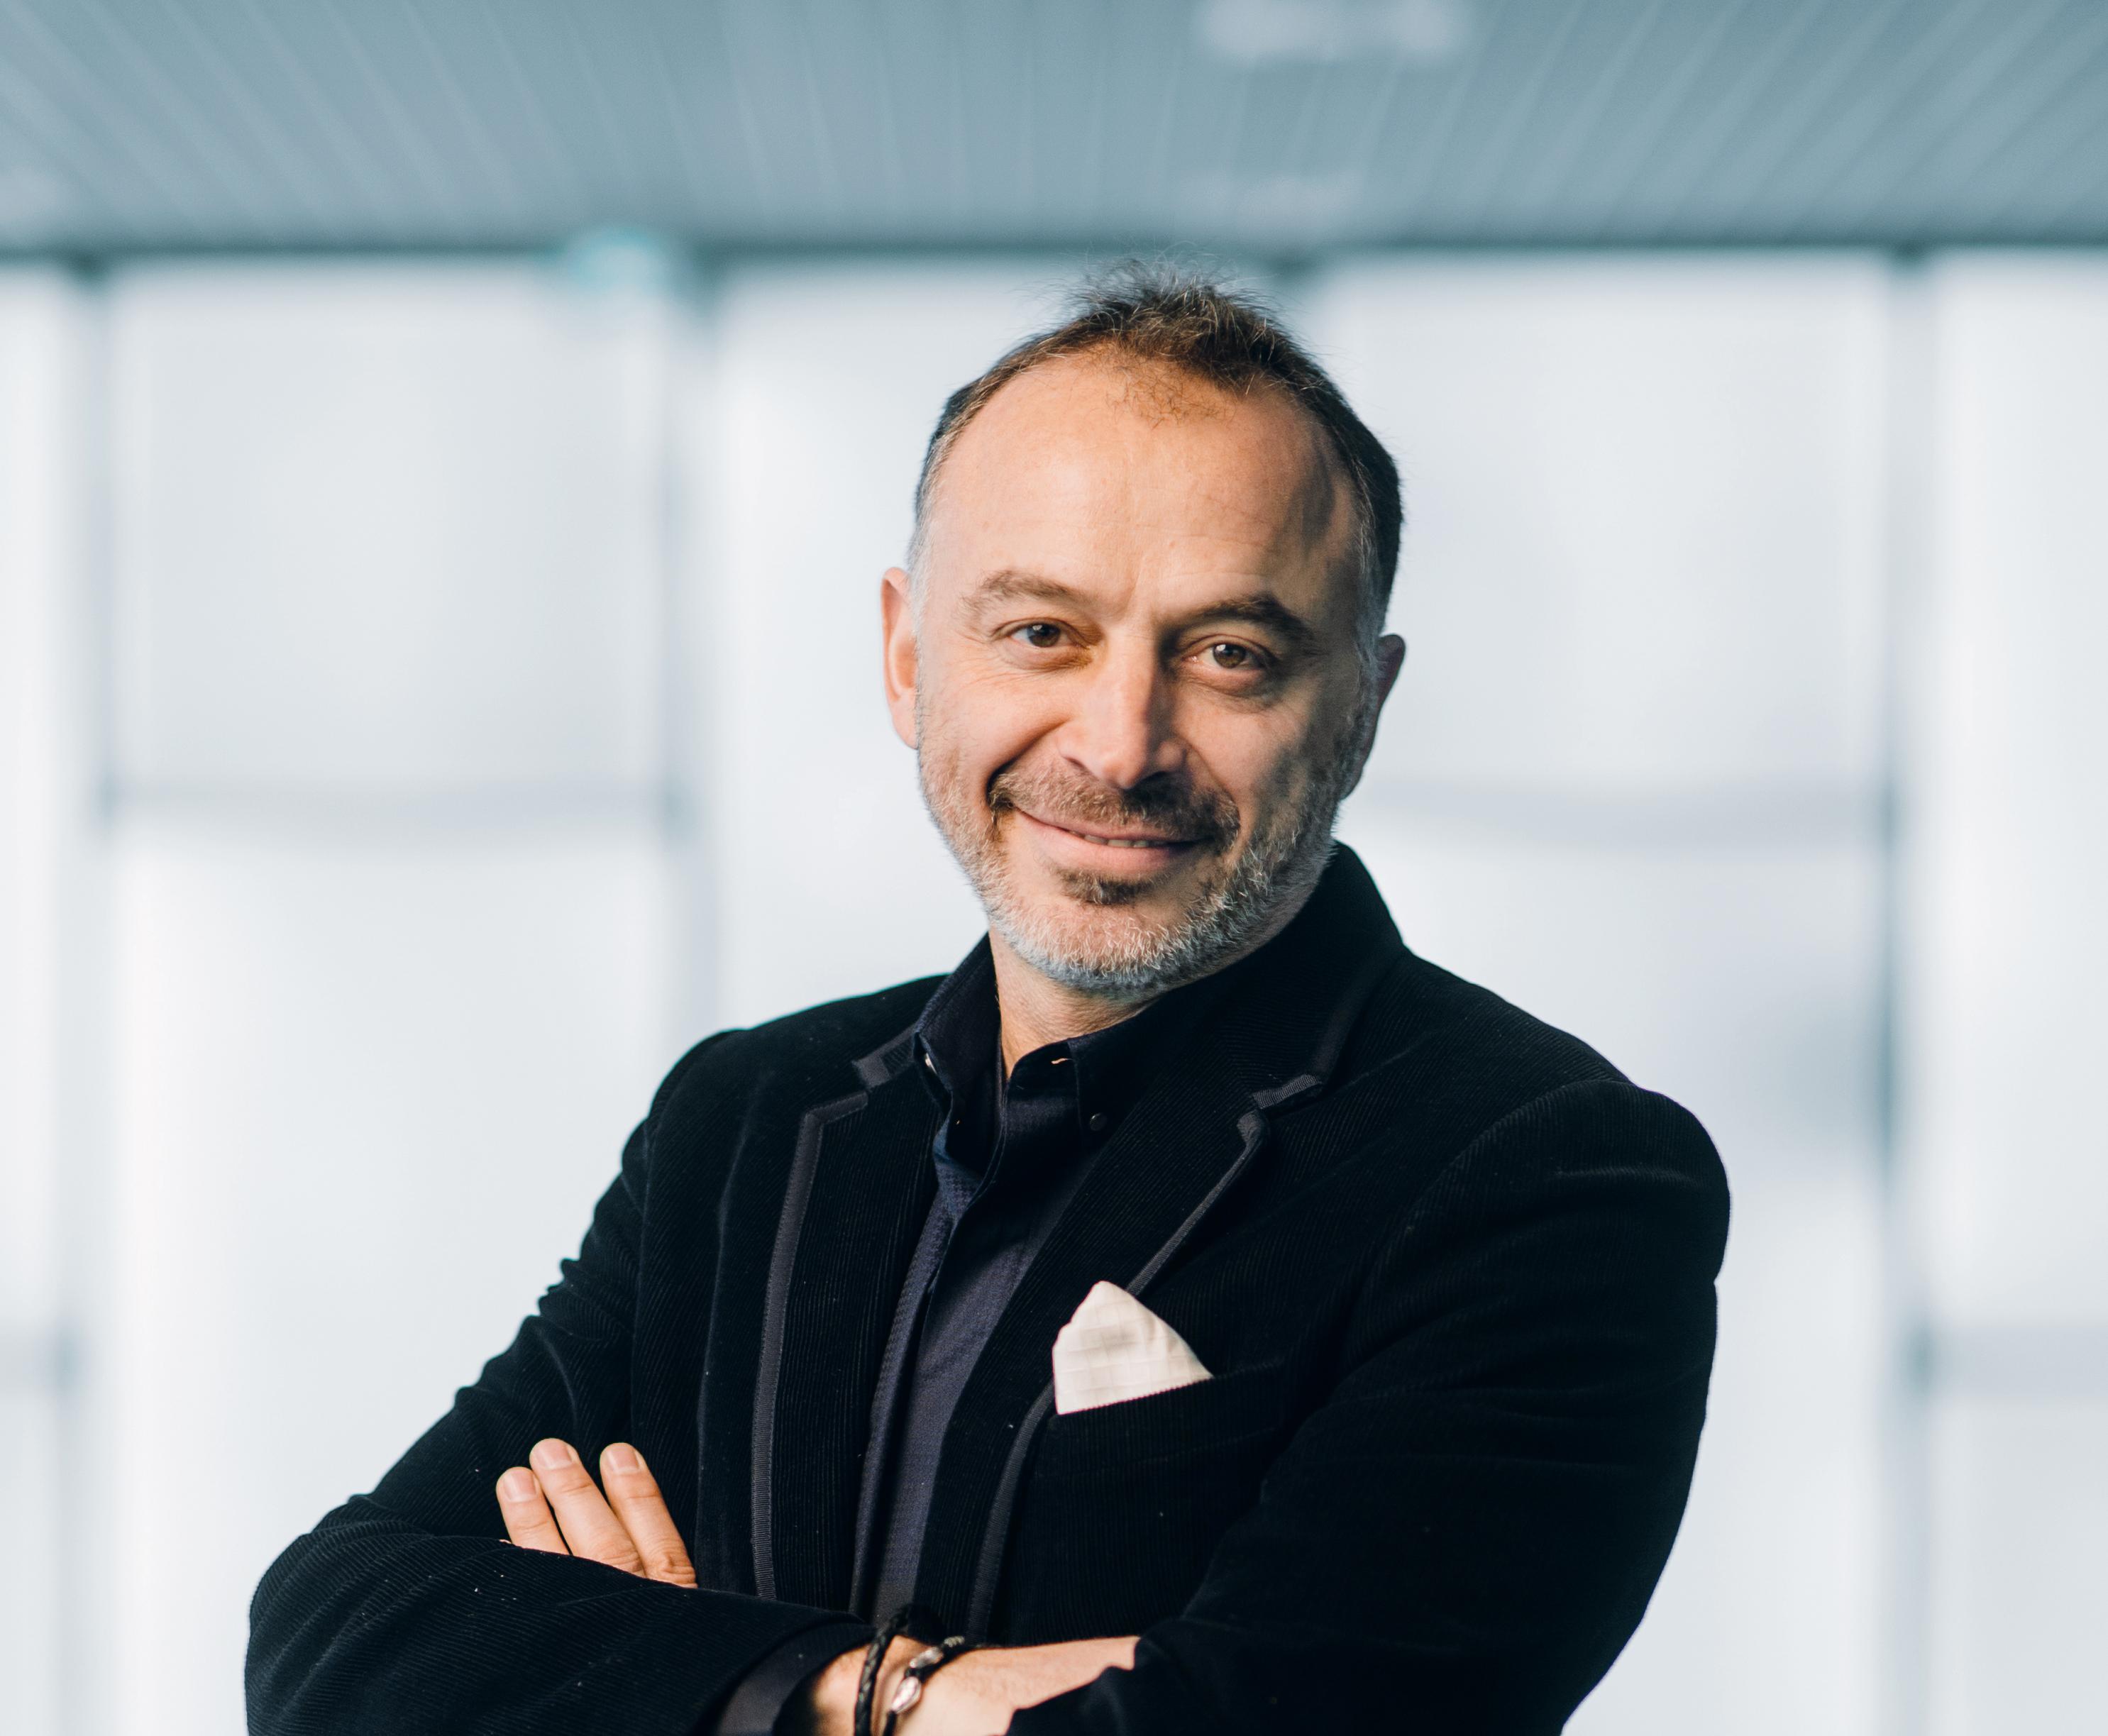 Ramzi Haidamus si dimette dalla carica di Presidente di Nokia Technologies